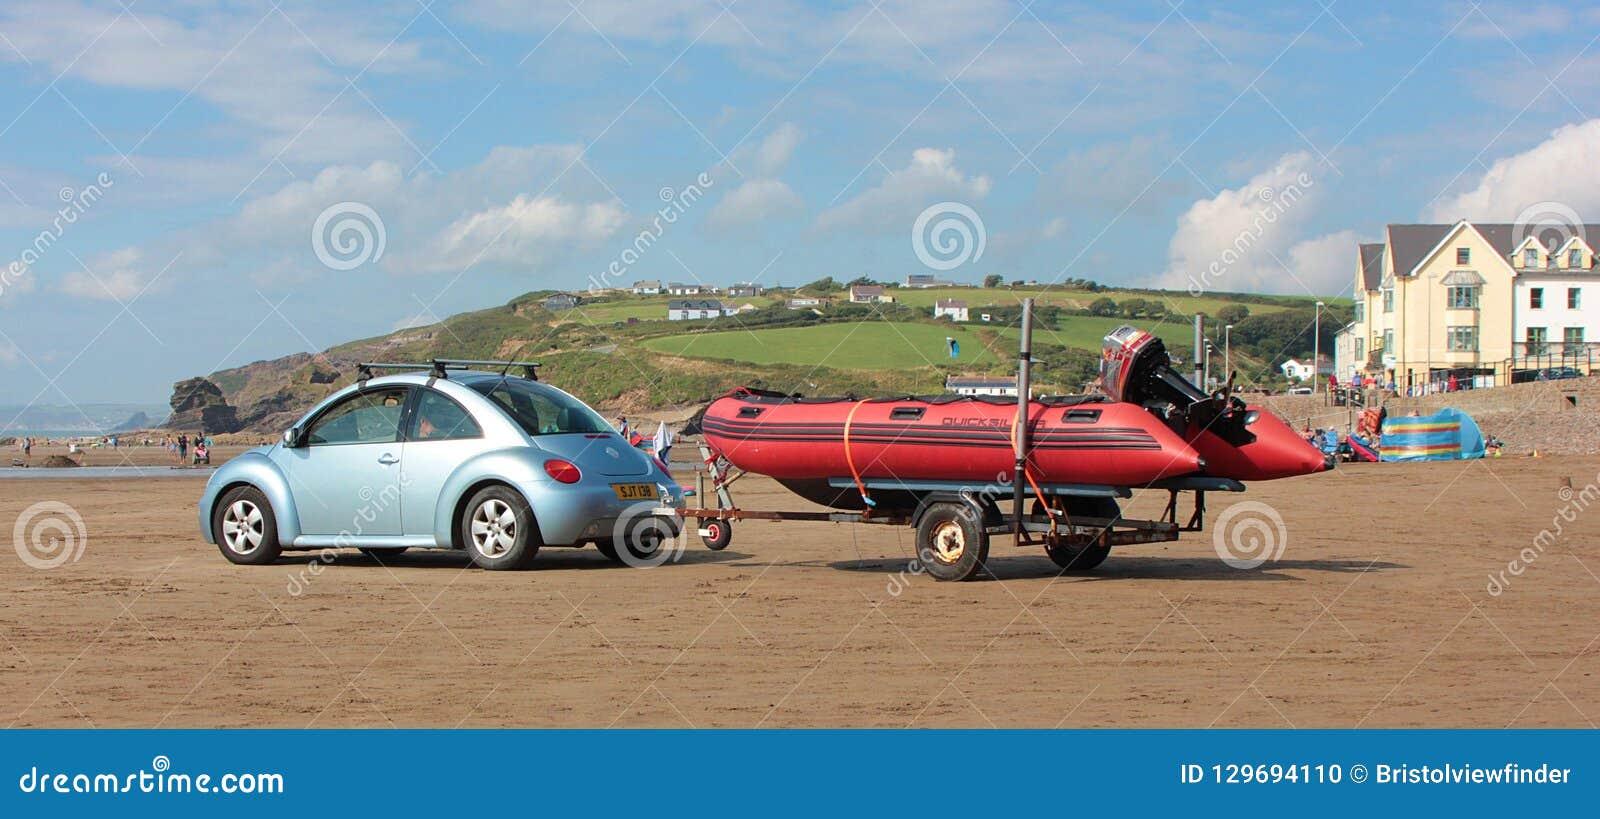 与汽车和充气救生艇拖车2018年8月的海滩场面